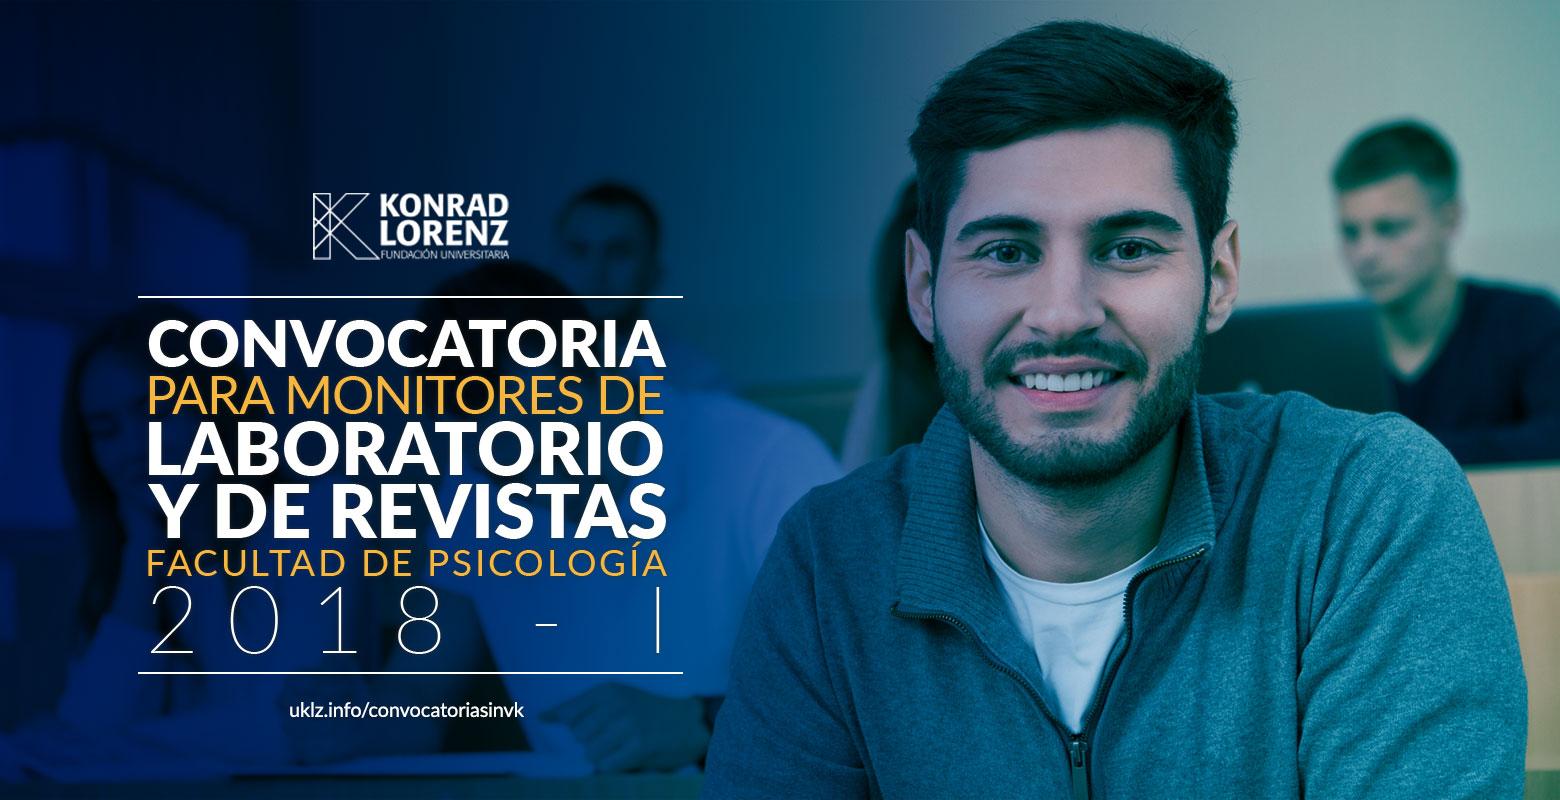 Convocatoria para Monitores de Laboratorio y Revistas, Facultad de Psicología 2018-1